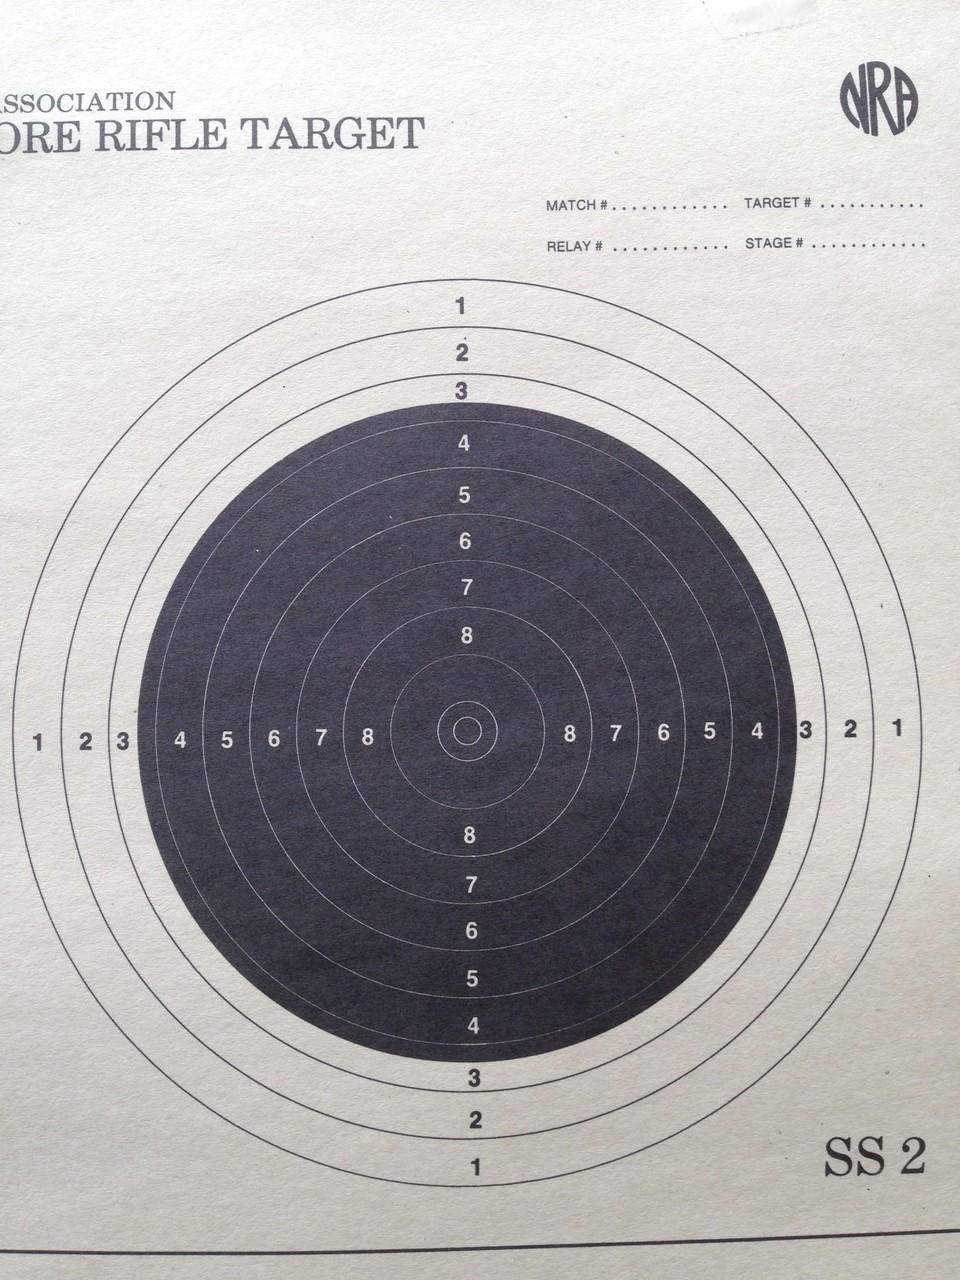 A-50 Shooting Target